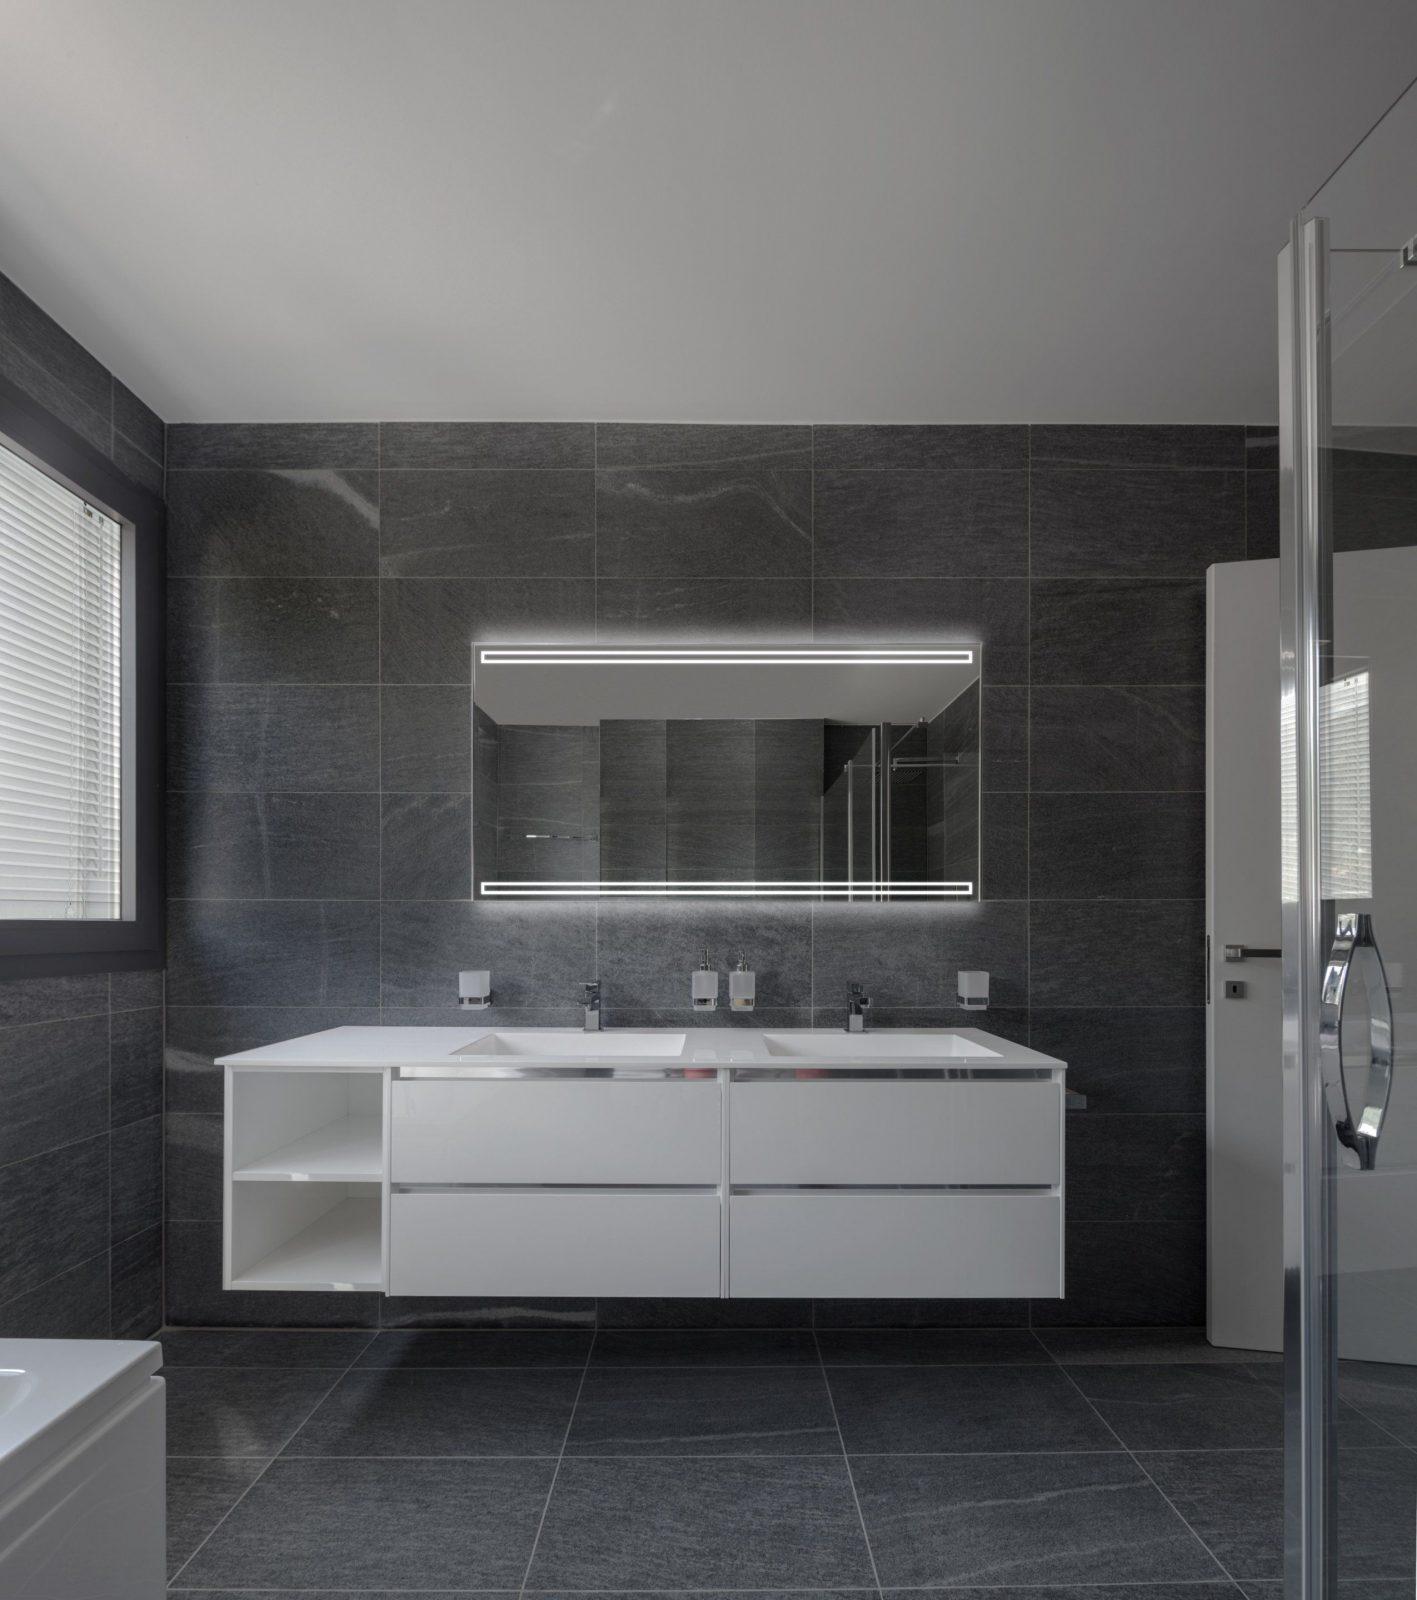 Spiegeluniversum  Led Badspiegel Nach Maß  Pan von Led Badspiegel Nach Maß Photo